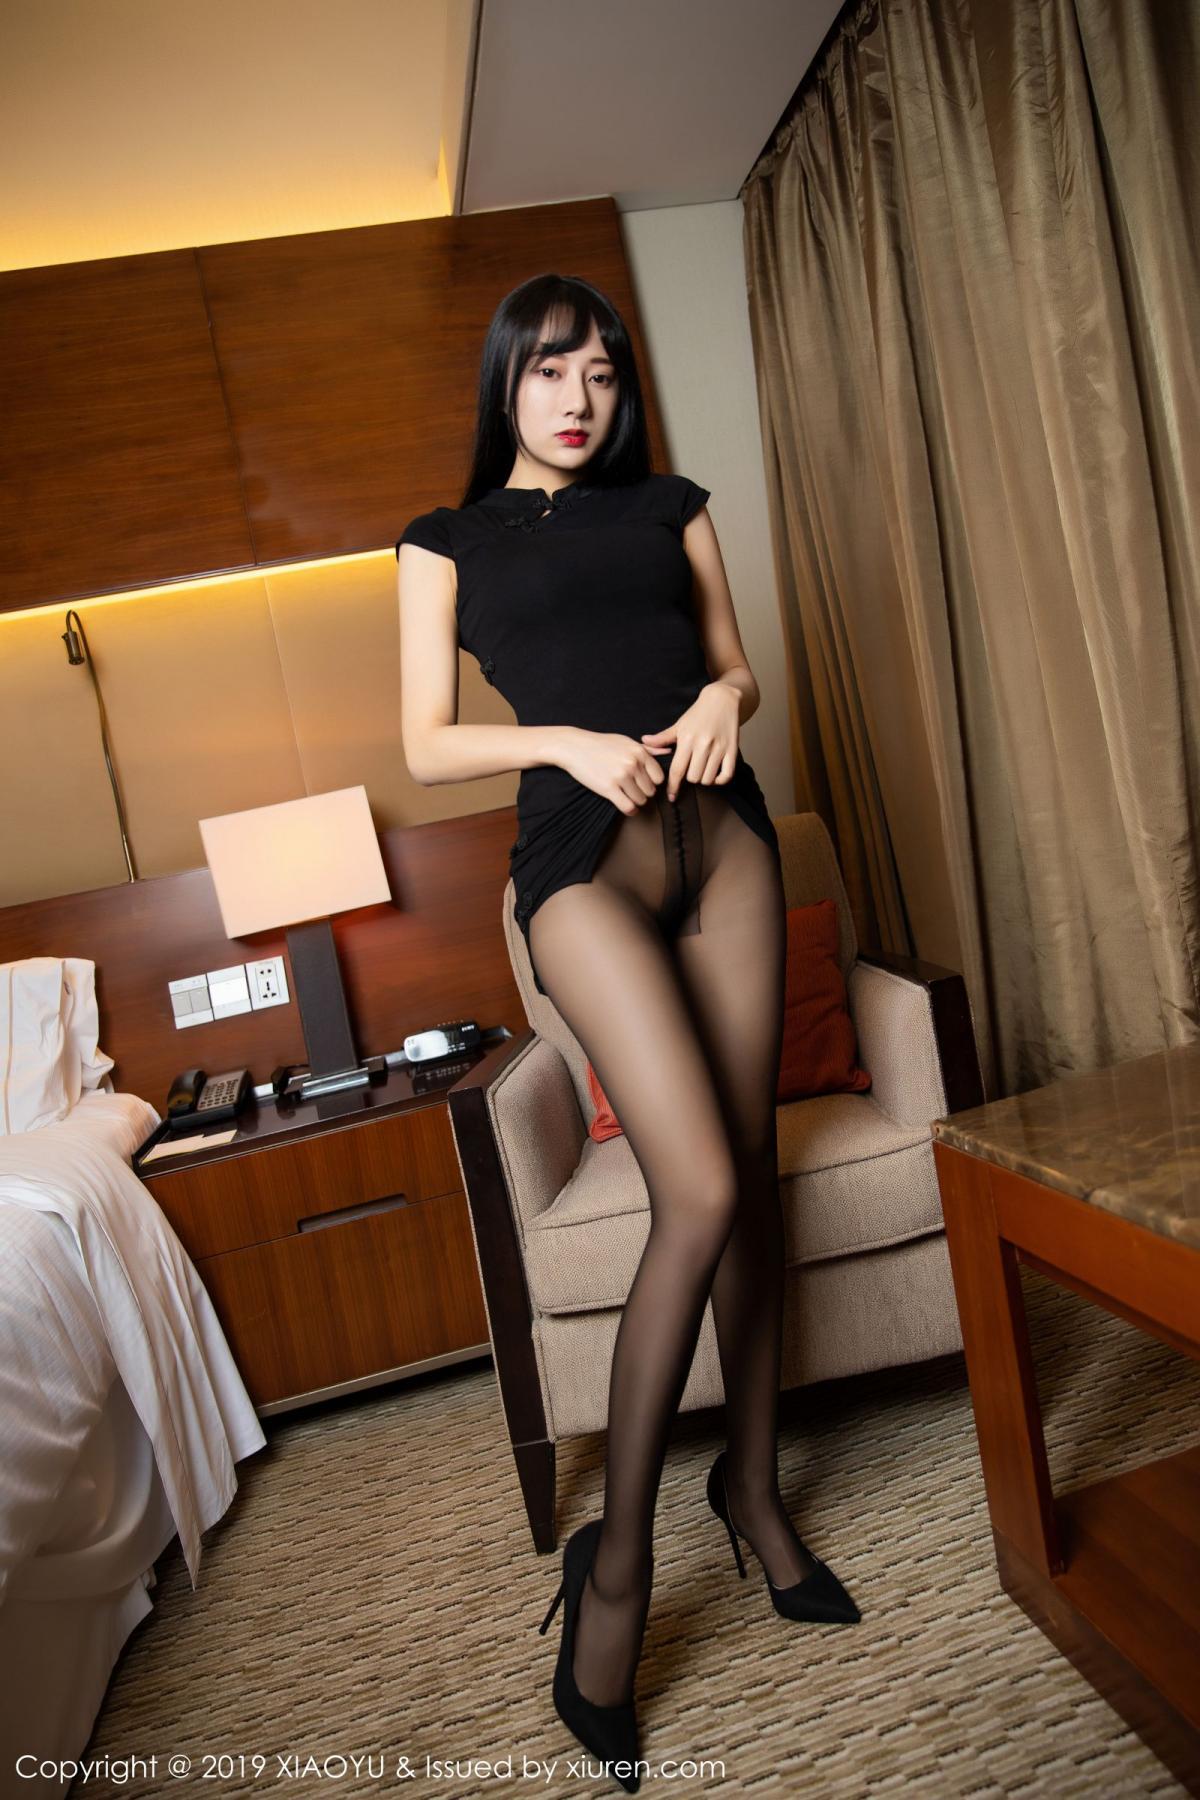 [XiaoYu] Vol.145 He Jia Ying 14P, Black Silk, He Jia Ying, Underwear, XiaoYu